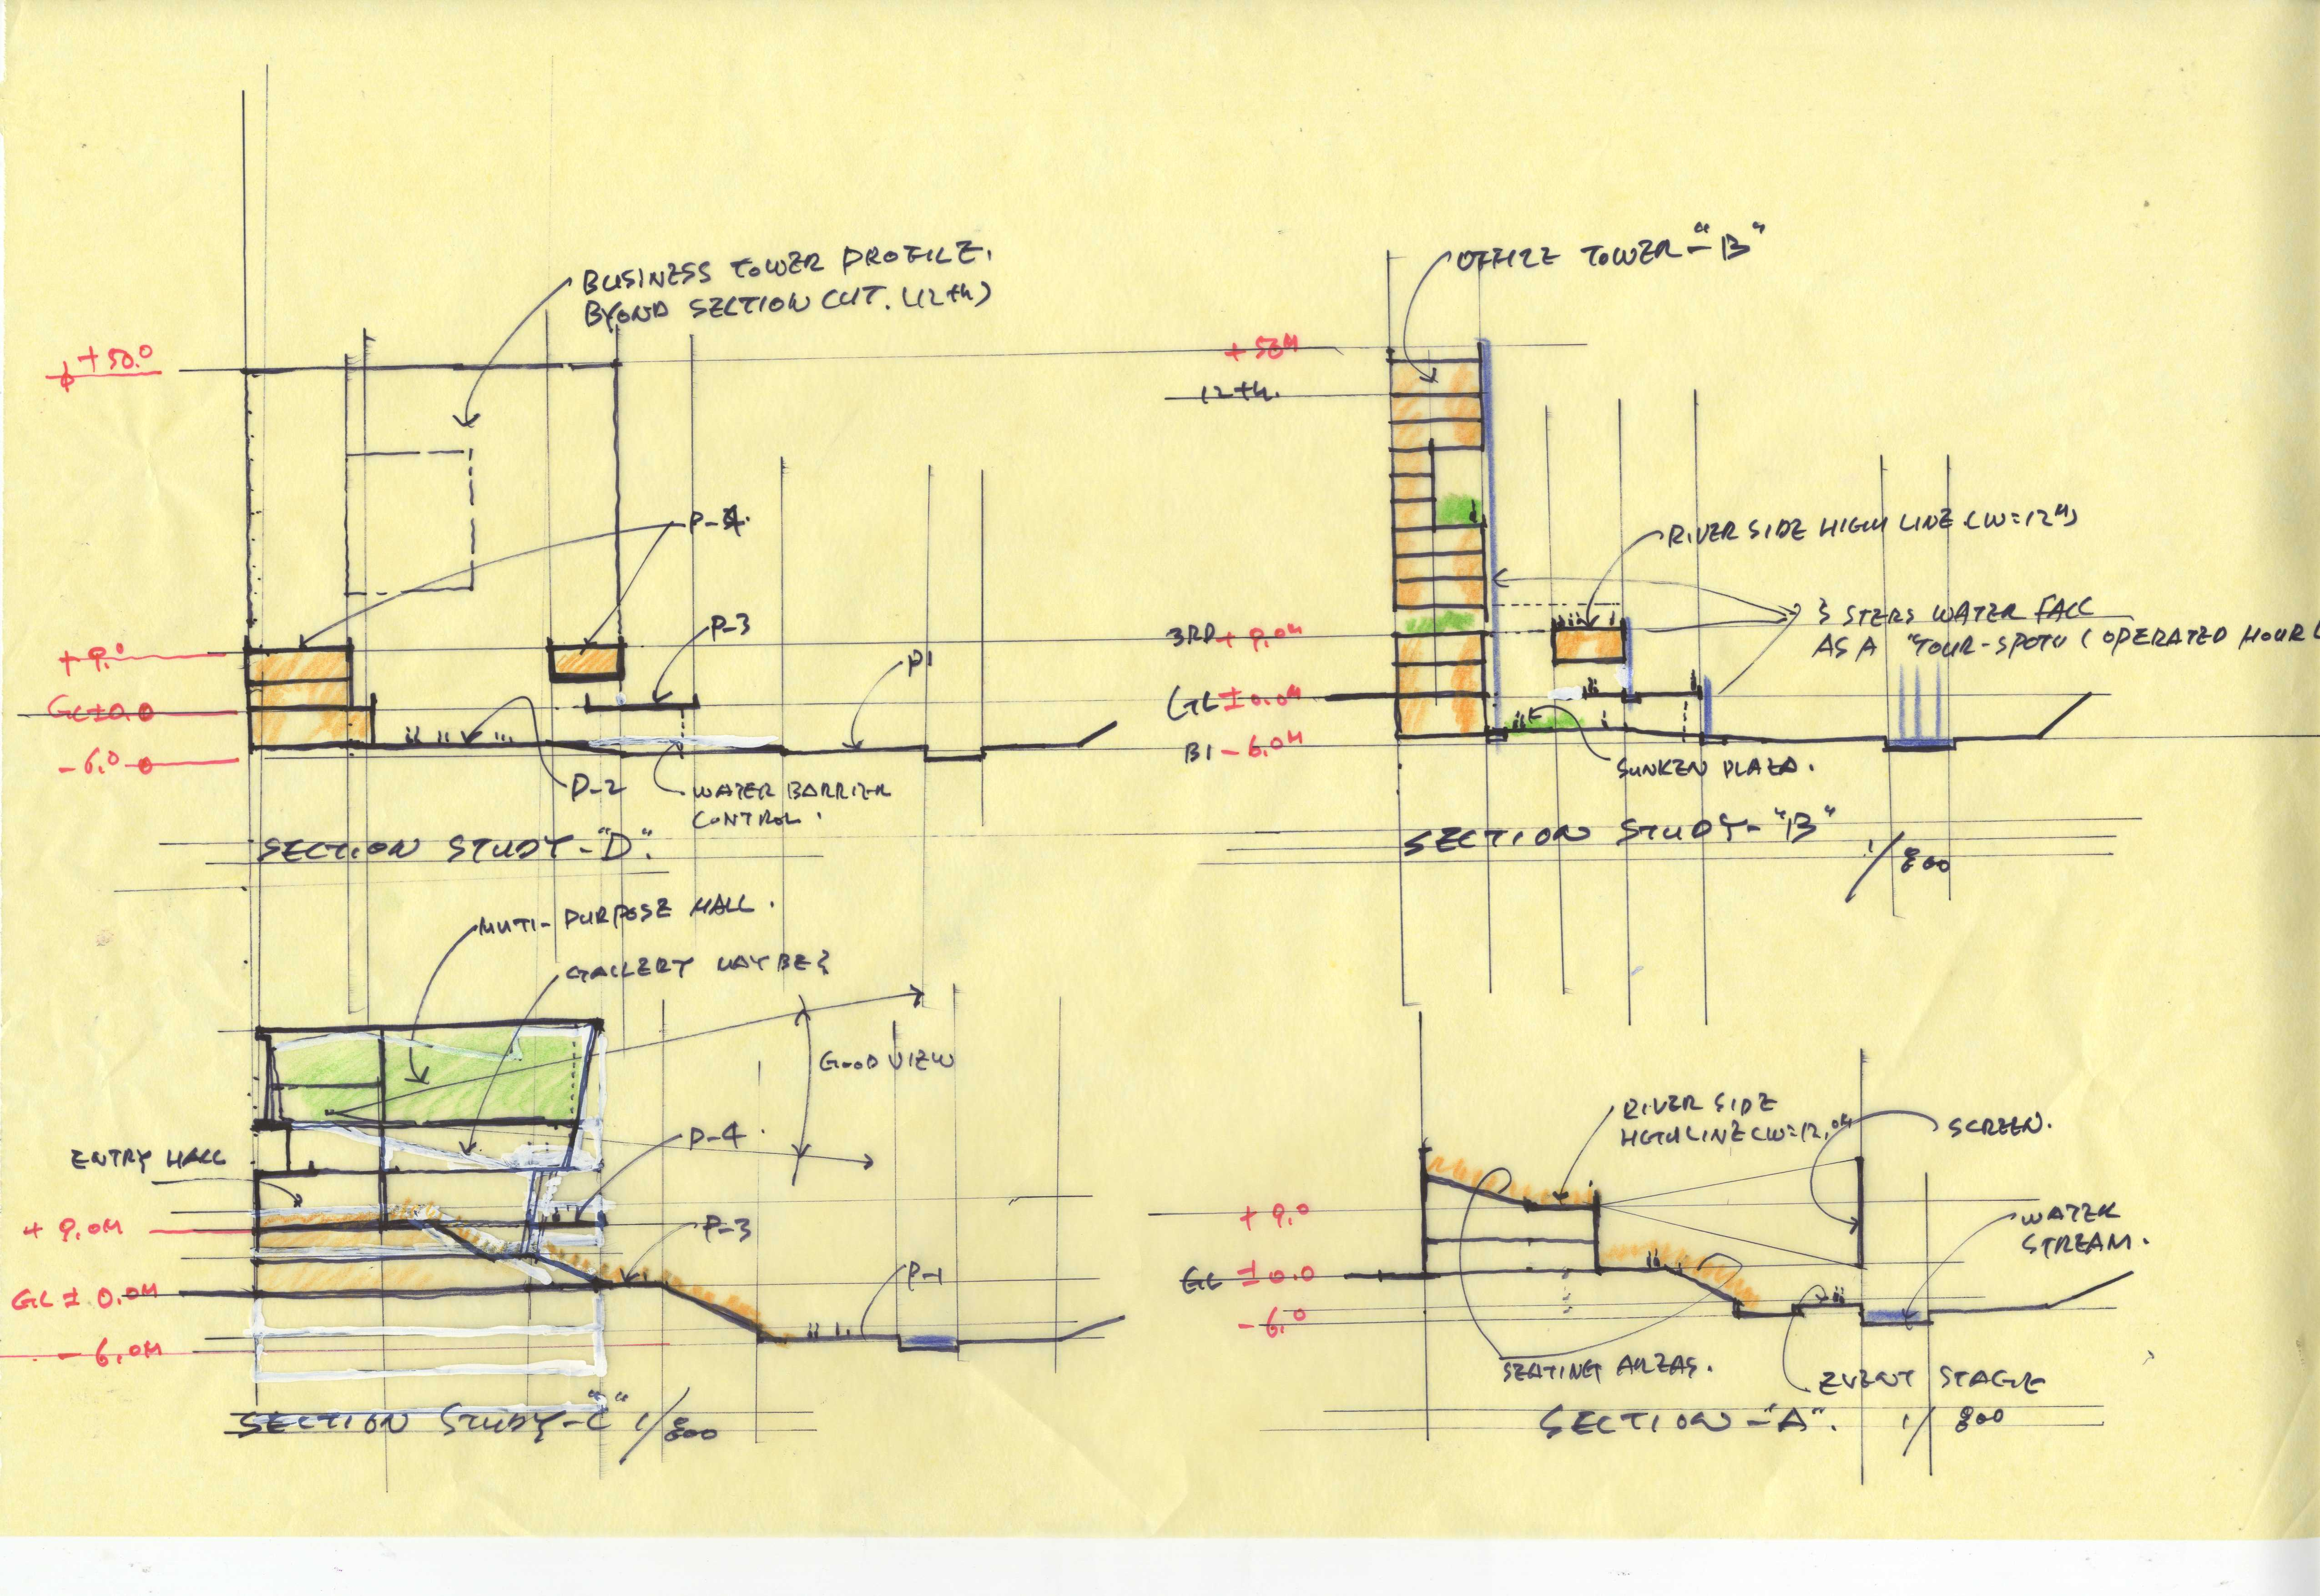 http://www.parkjongsung.com/board/data/file/hand_sketchs/img175.jpg